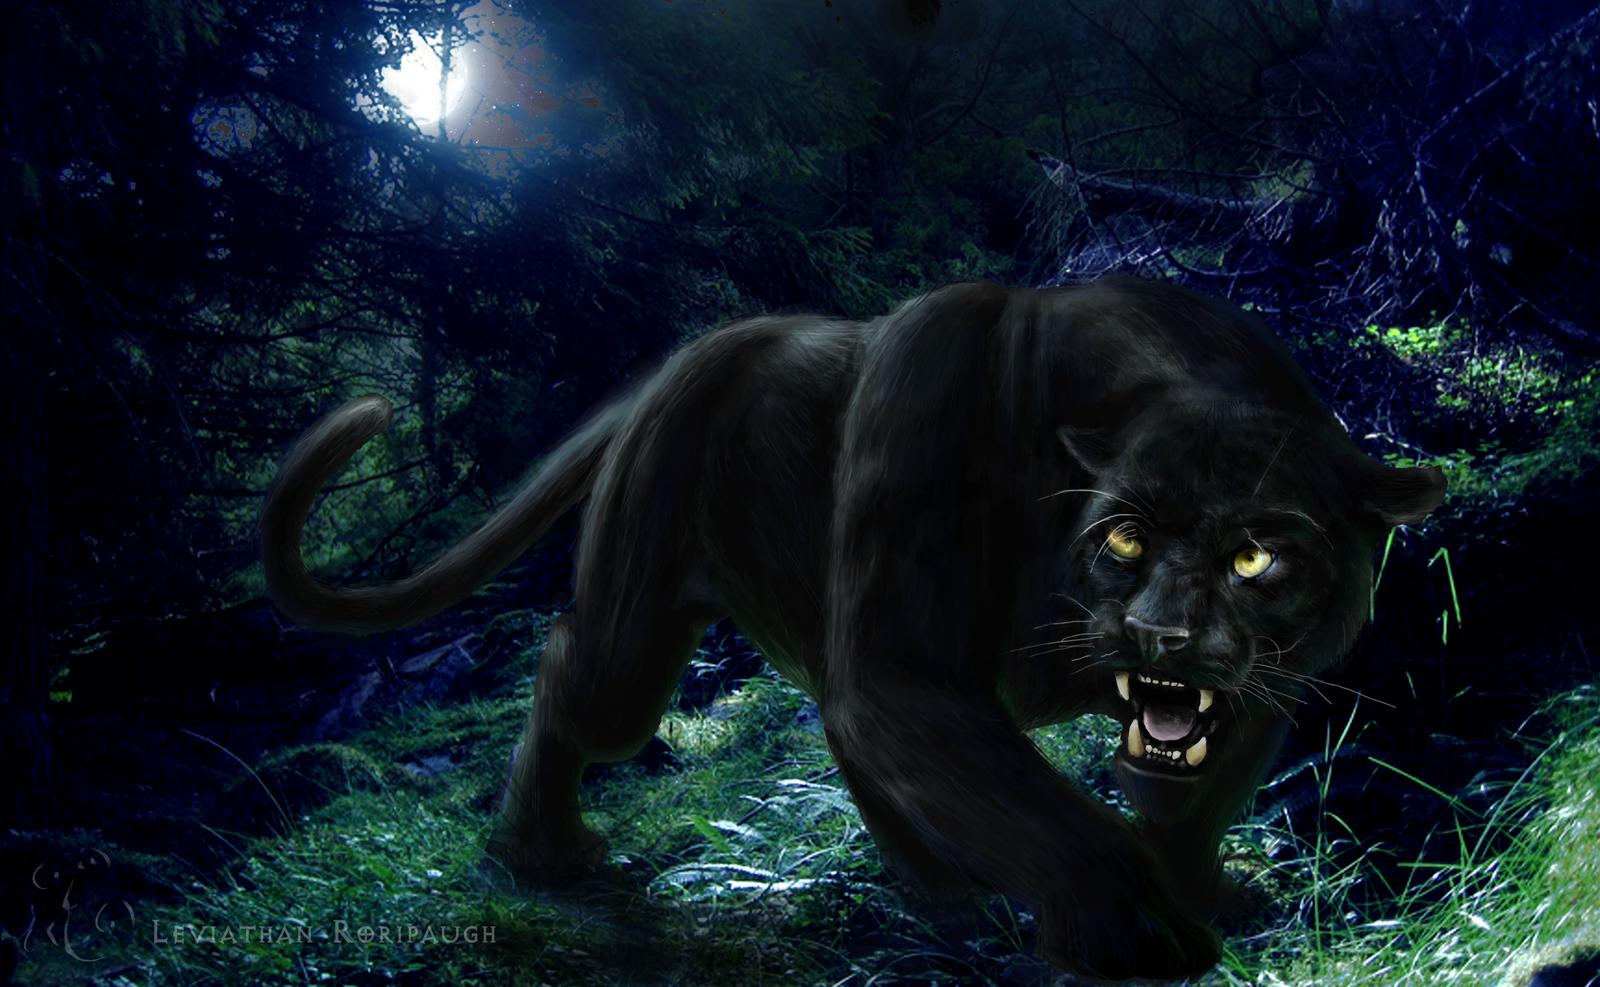 Panther HD Wallpapers black panther wild animal wild black panther 1600x987